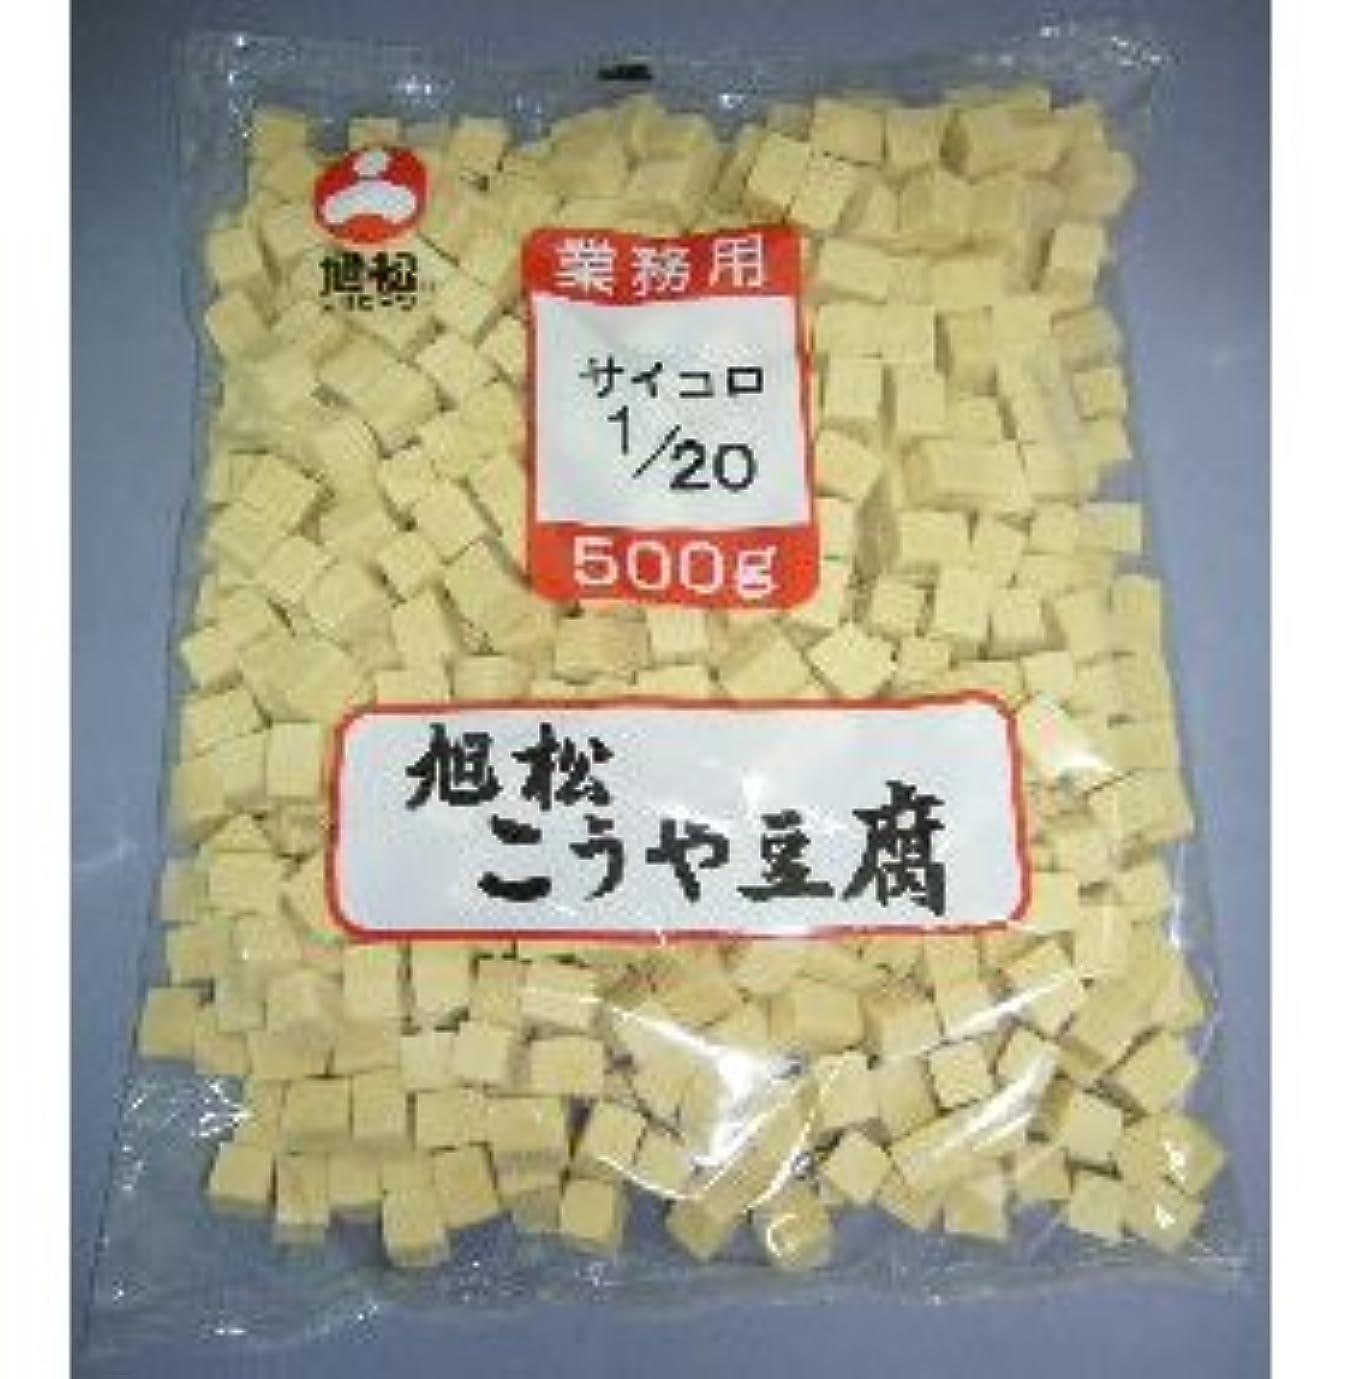 拡声器本質的に明るくする旭松)こうや豆腐サイコロ1/20 500g(1/20???)